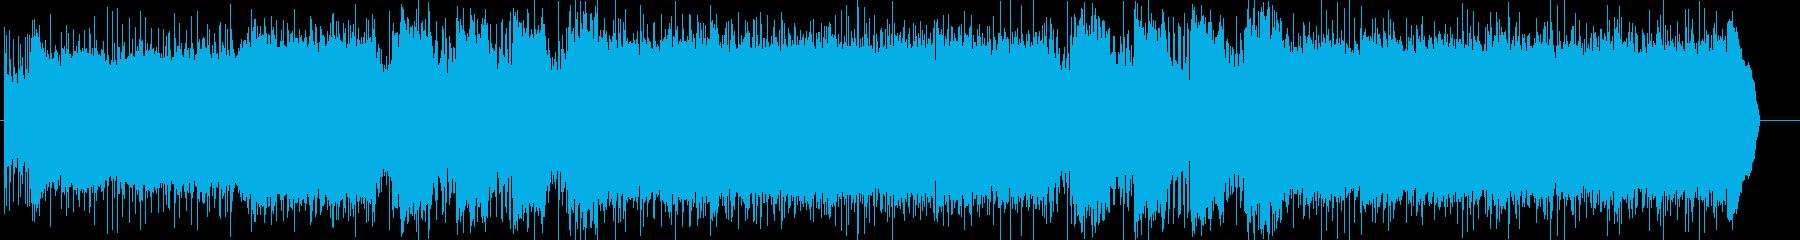 インディーズ ロック ポップ 現代...の再生済みの波形